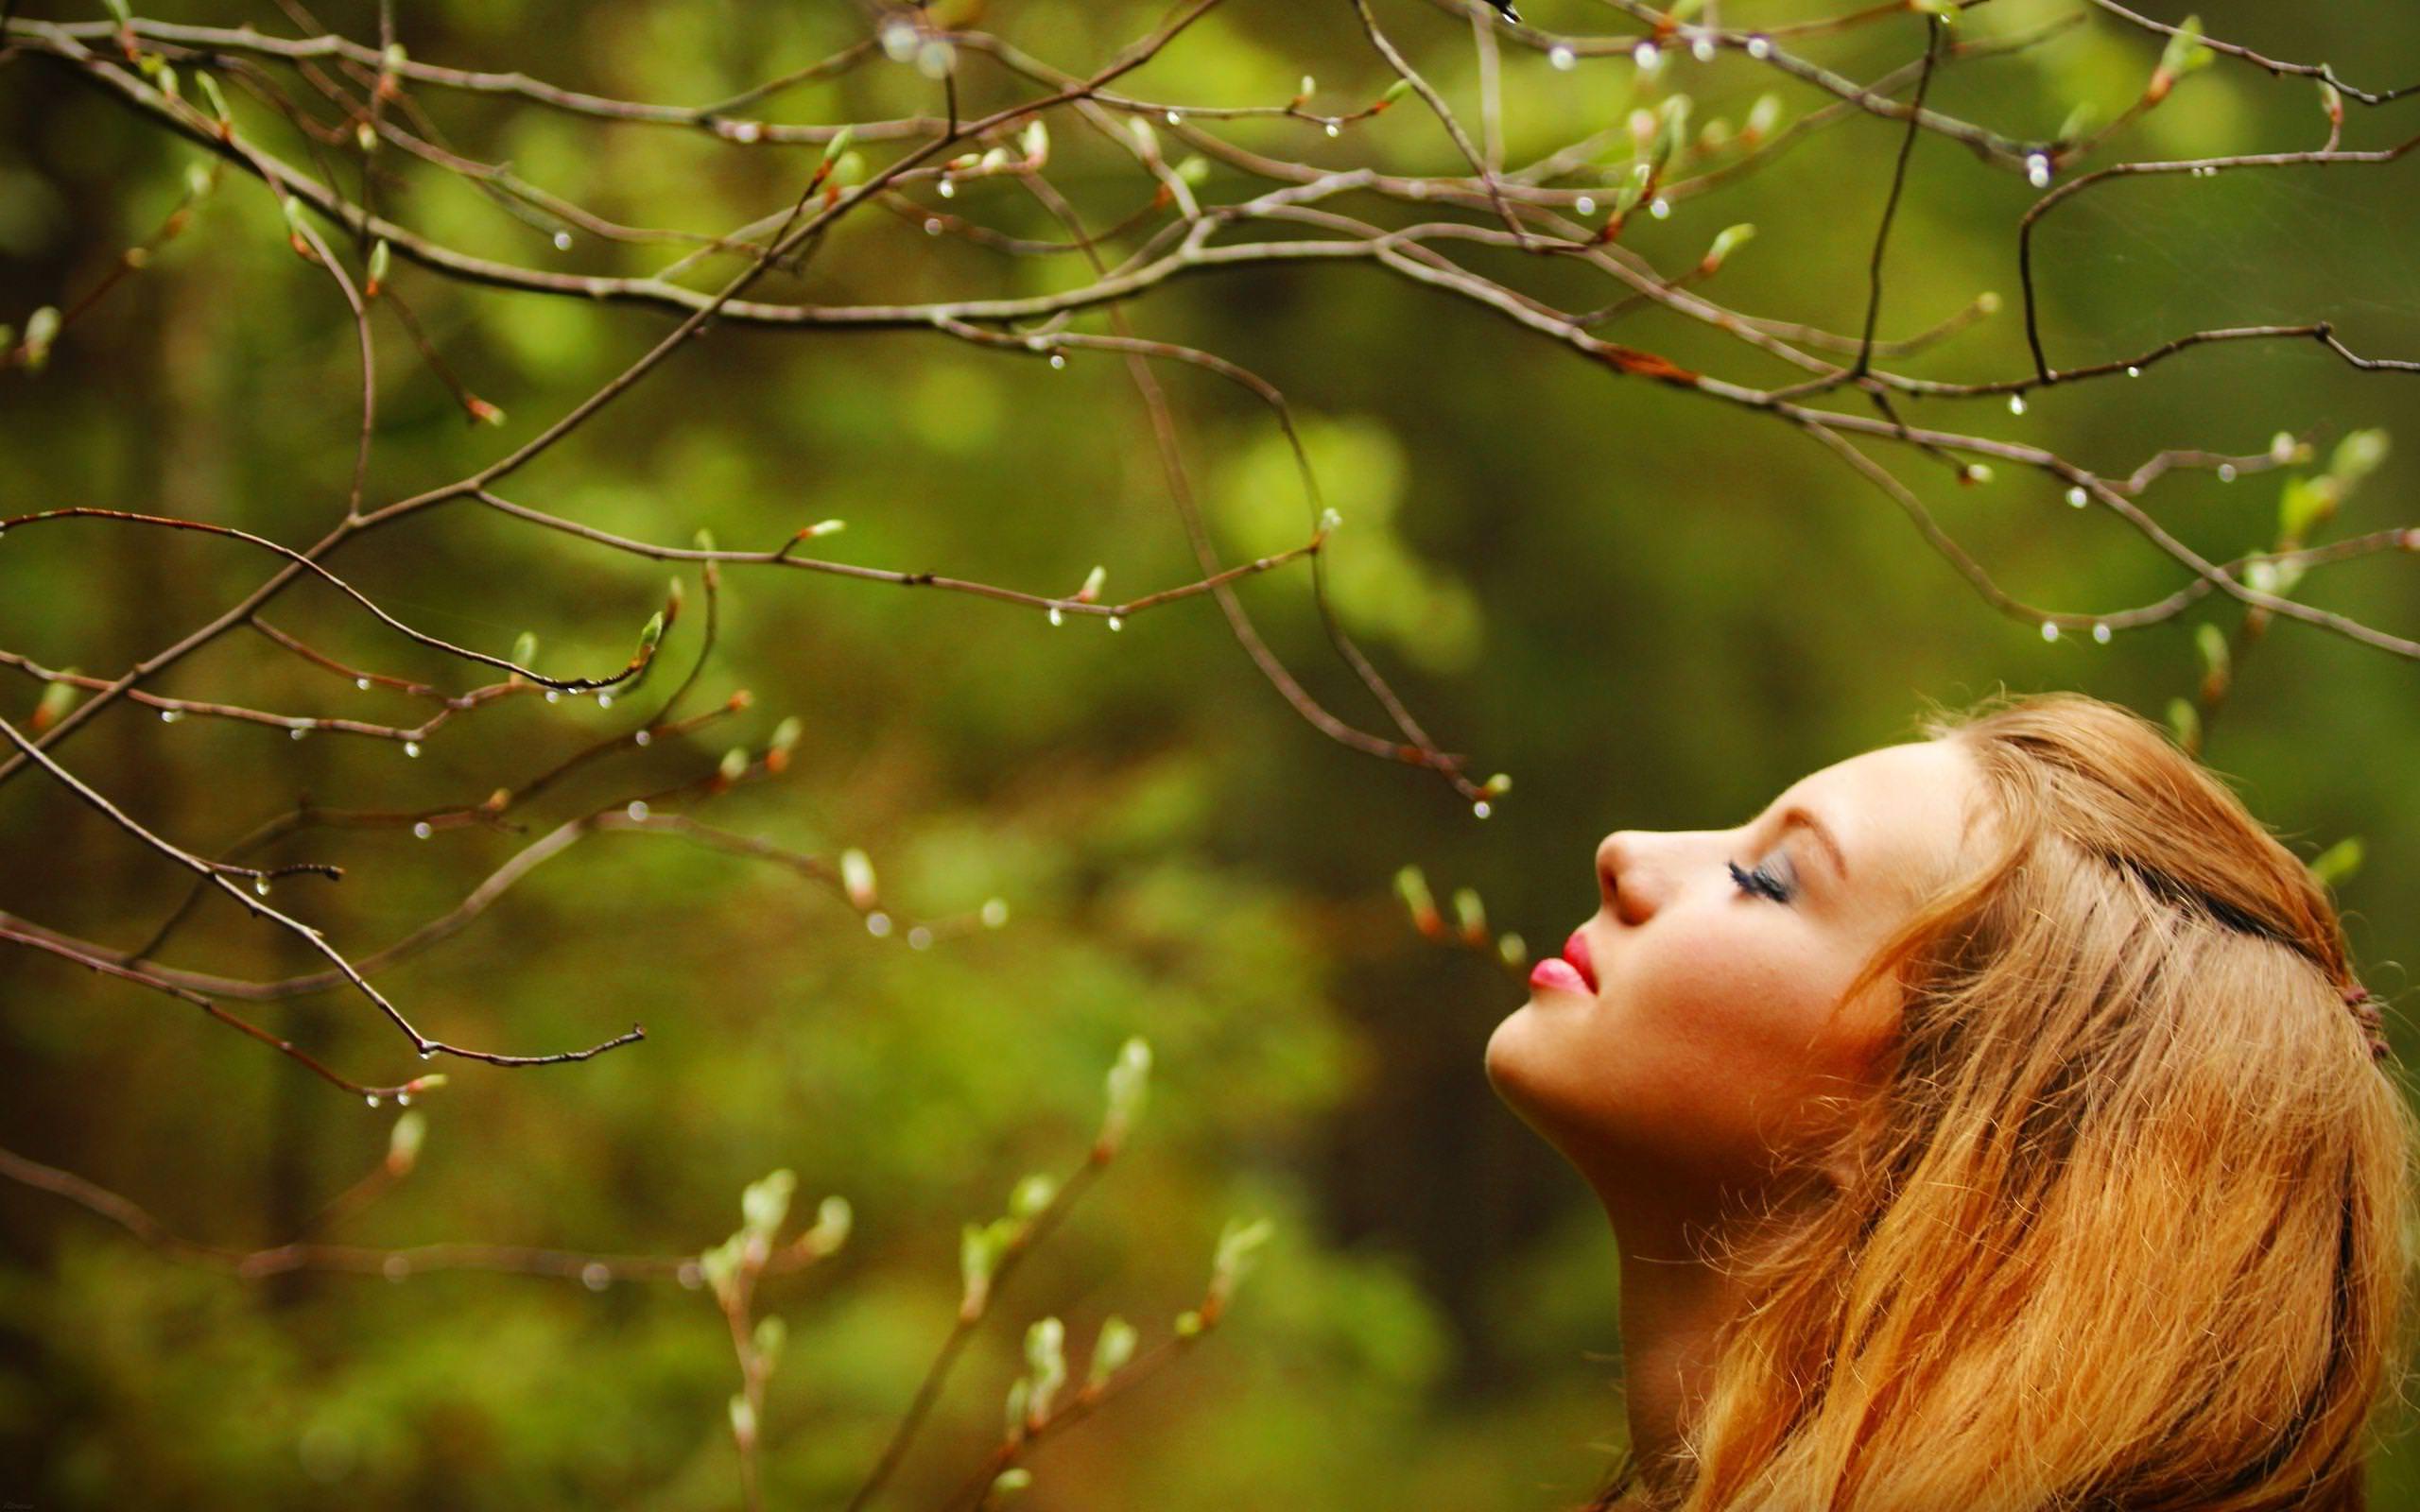 via Beautyguide.com.my